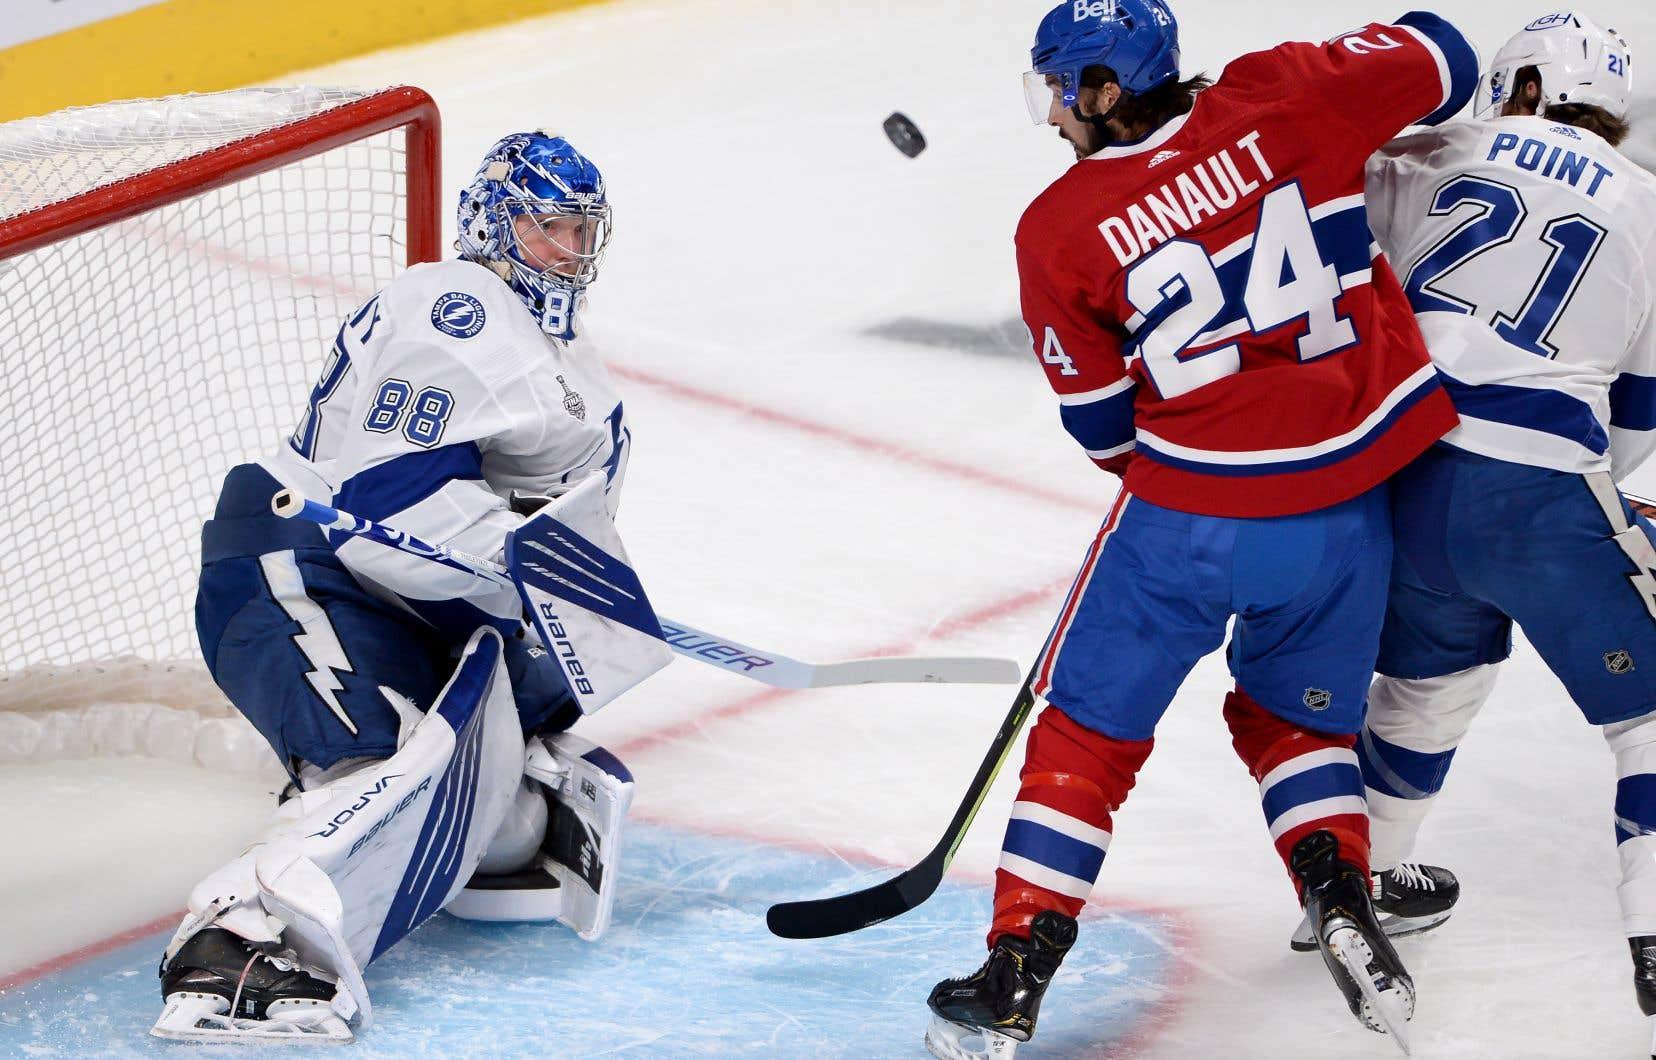 Au-delà des performances sportives, la valeur de Danault est hautement symbolique pour le Canadien.